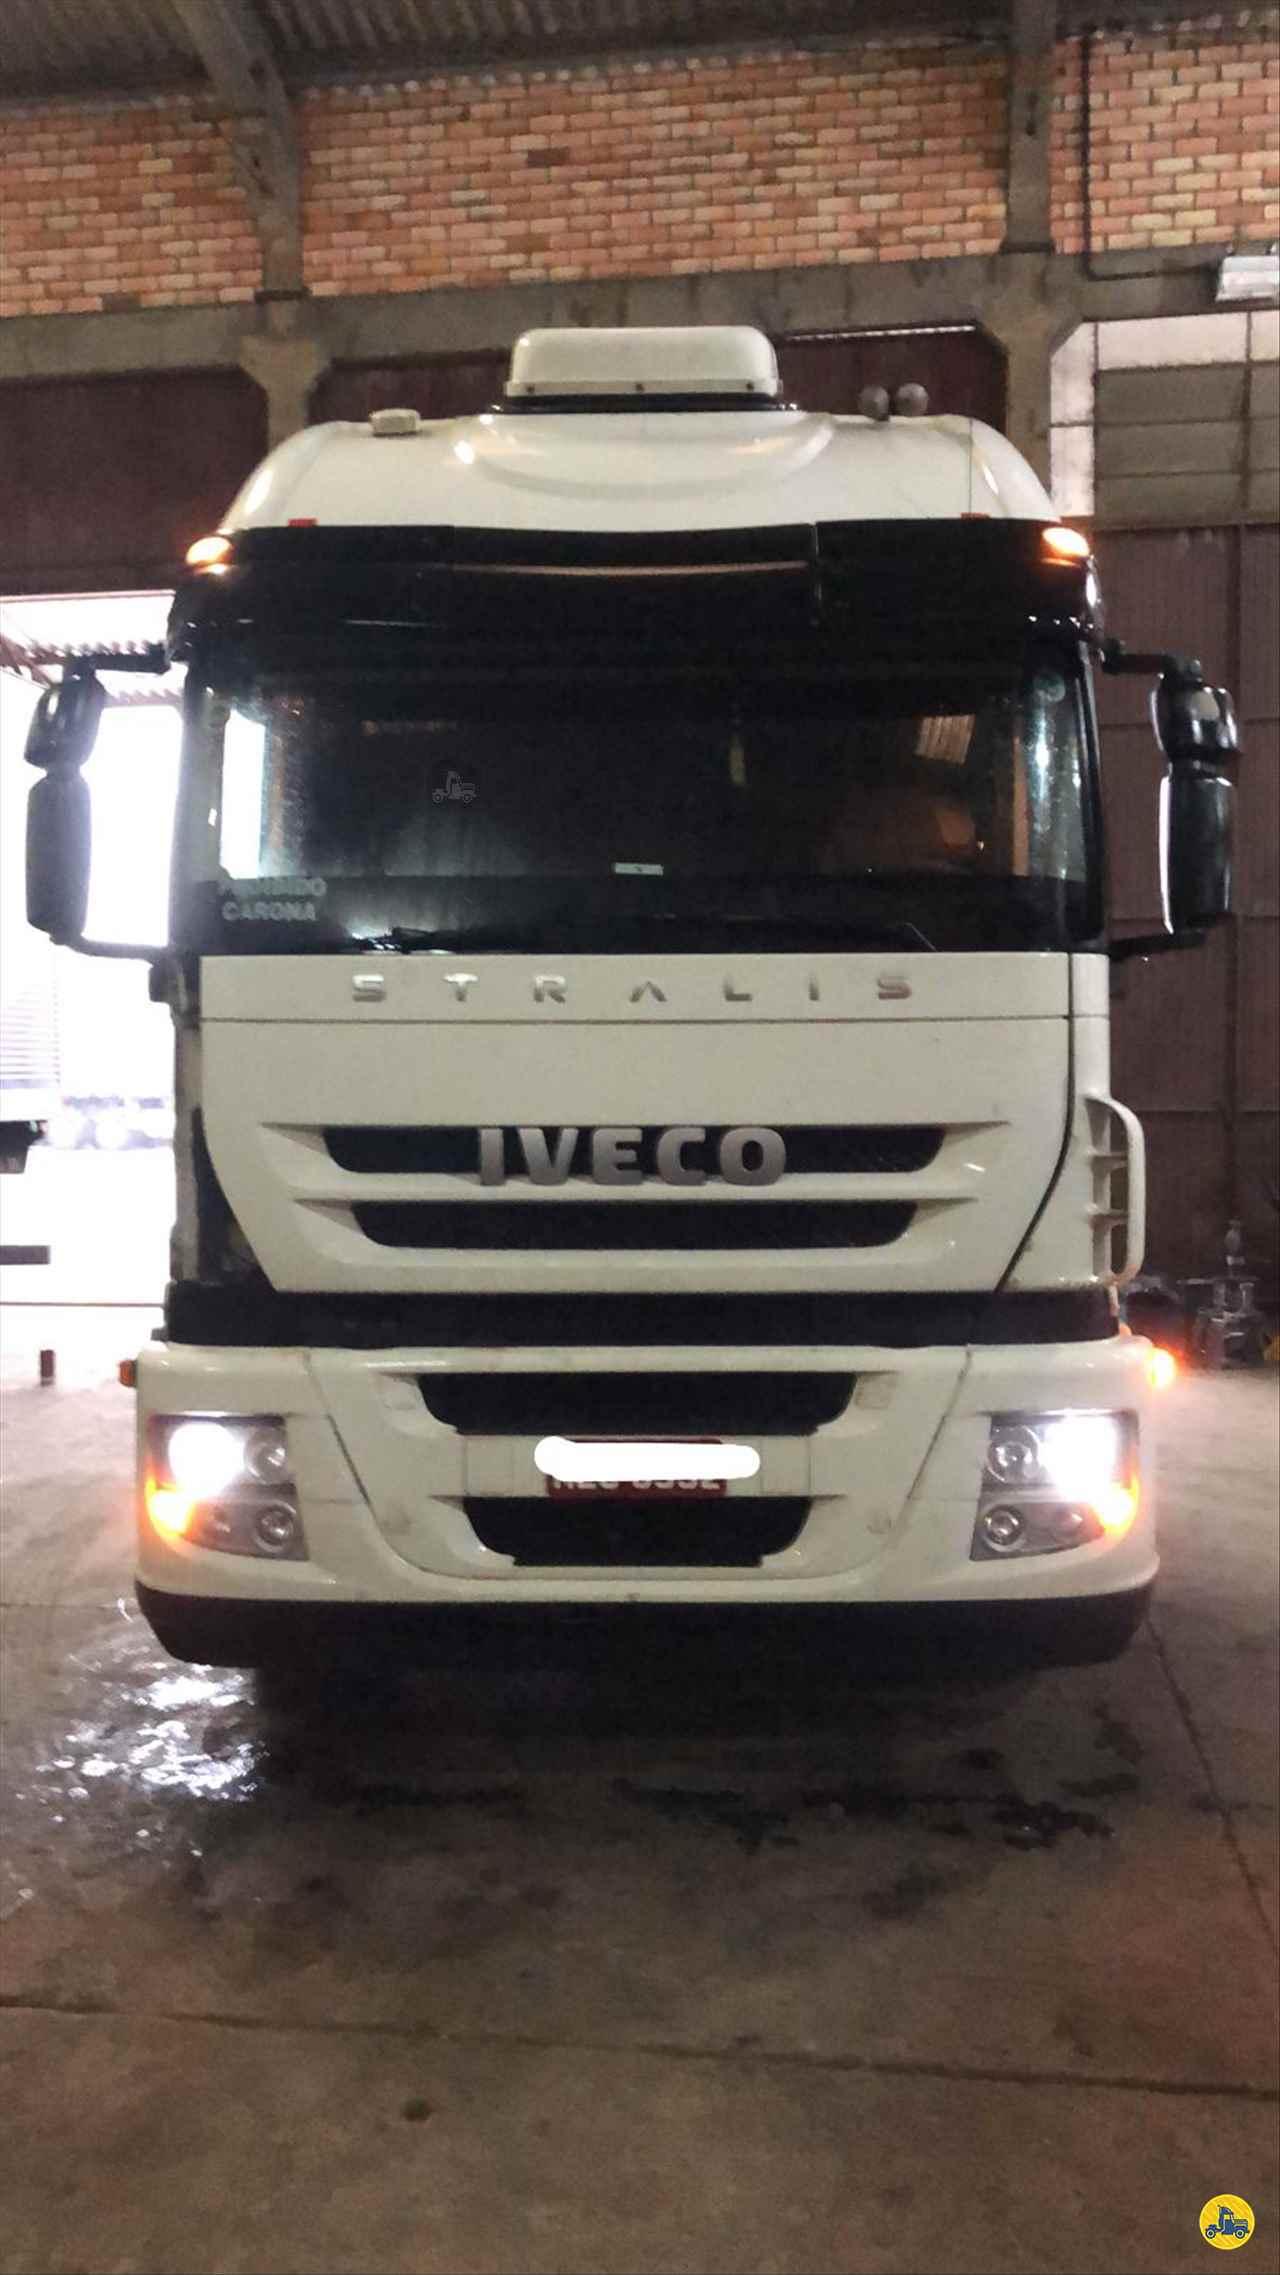 CAMINHAO IVECO STRALIS 440 Cavalo Mecânico Truck 6x2 Transmap Caminhões SANTA ROSA RIO GRANDE DO SUL RS